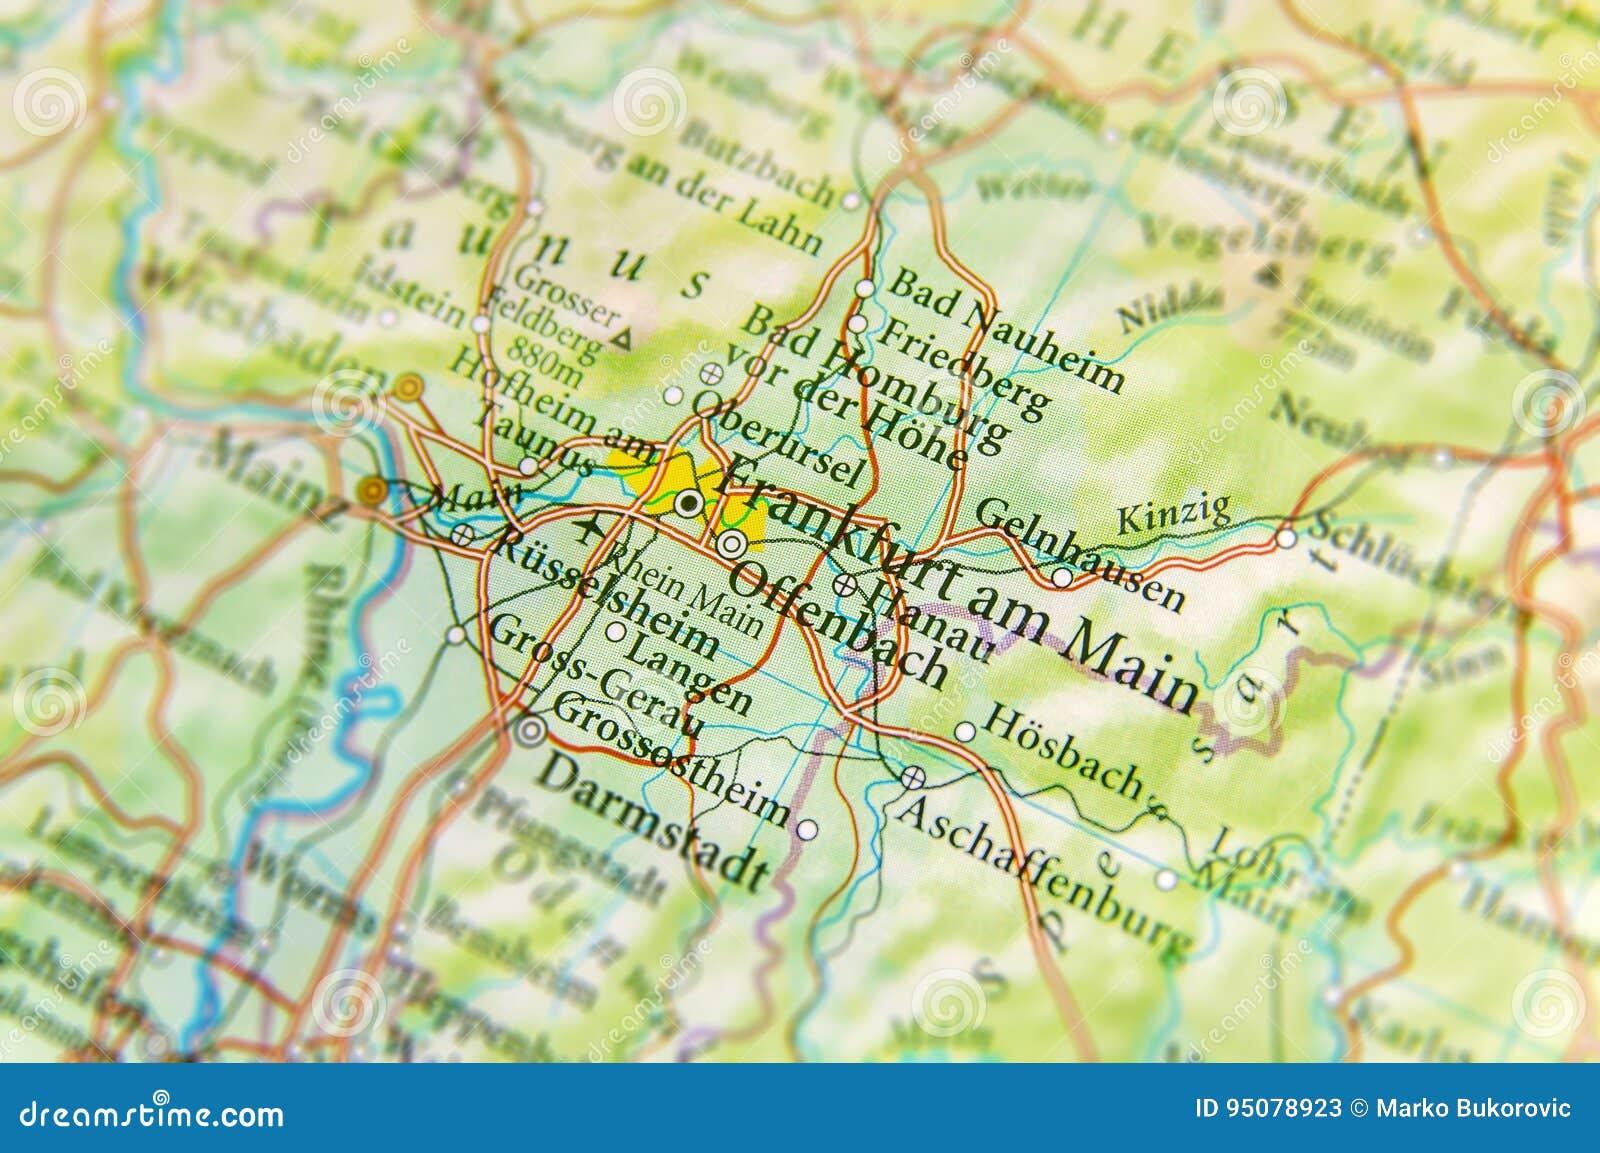 Frankfurt Karte Europa.Geographische Karte Des Europäischen Landes Deutschland Mit